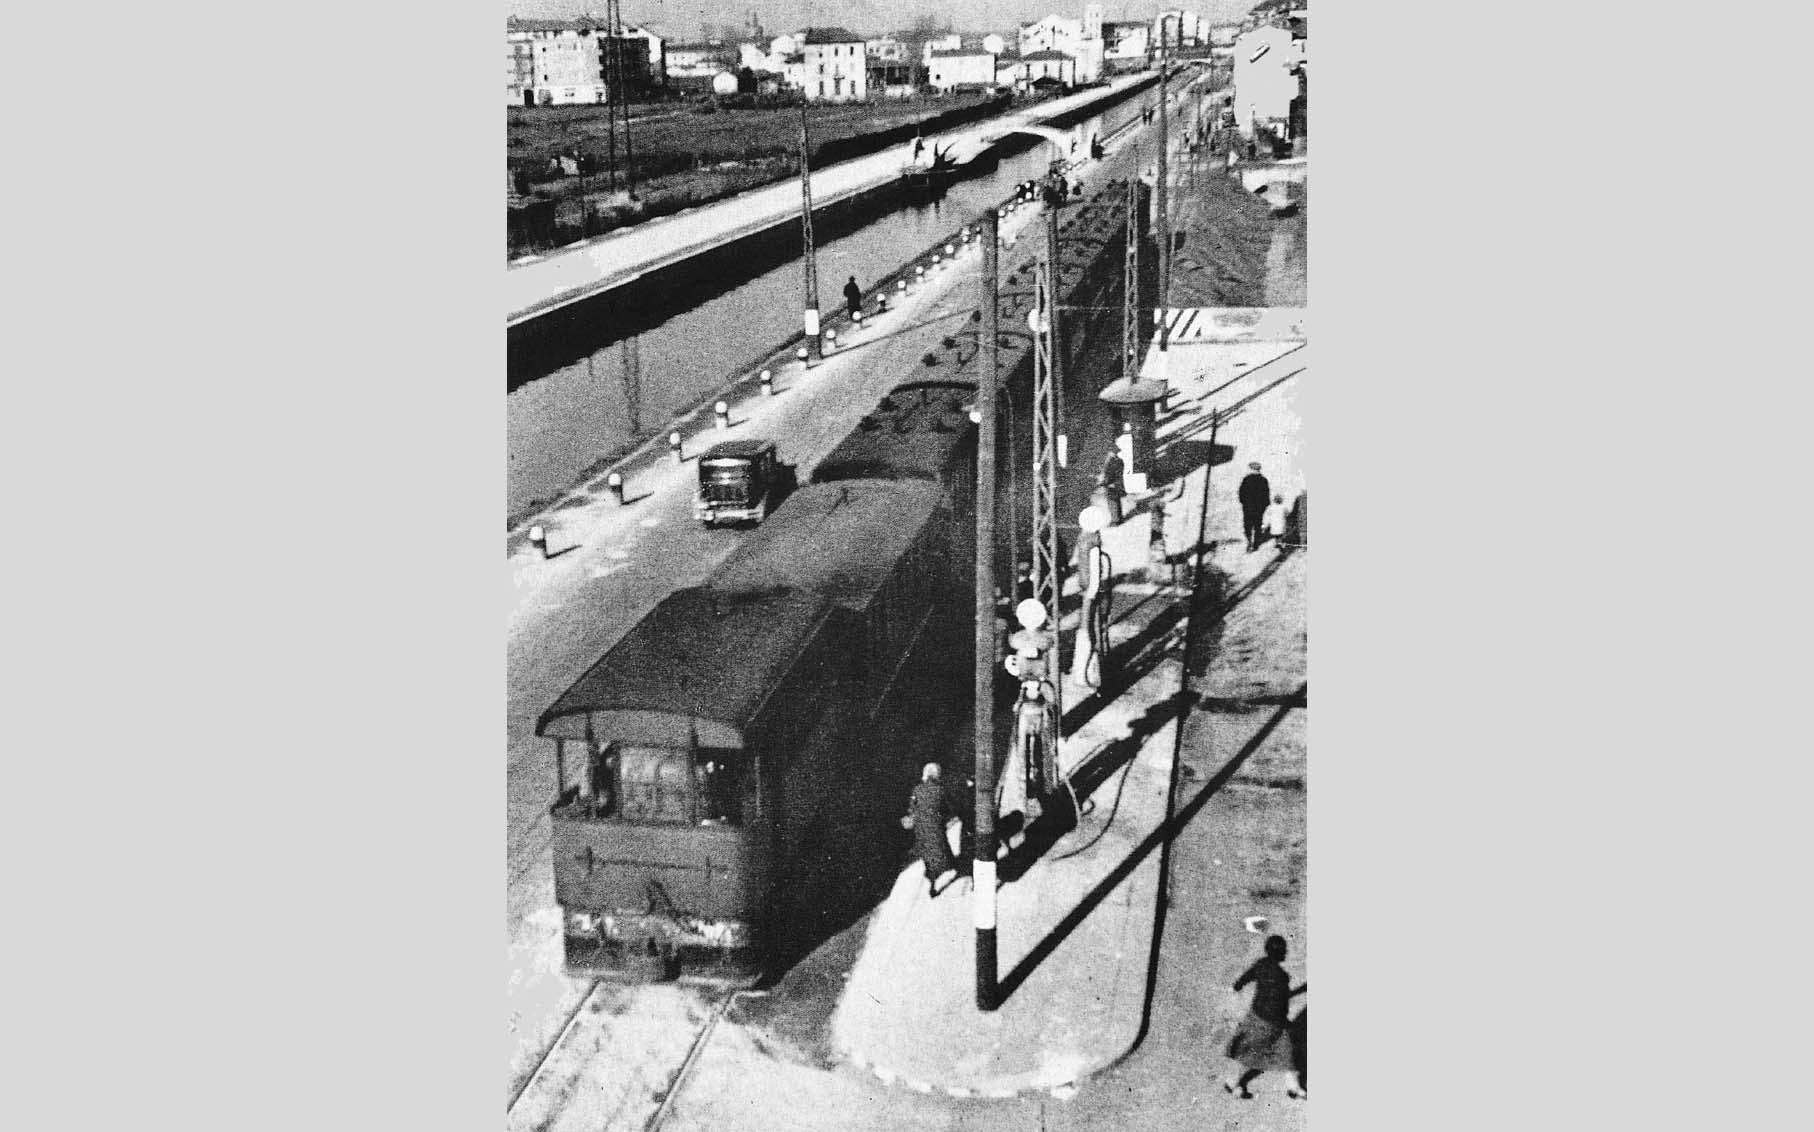 Capolinea del Gamba de legn per Pavia. Piazza Carrara Naviglio Pavese, anni '30